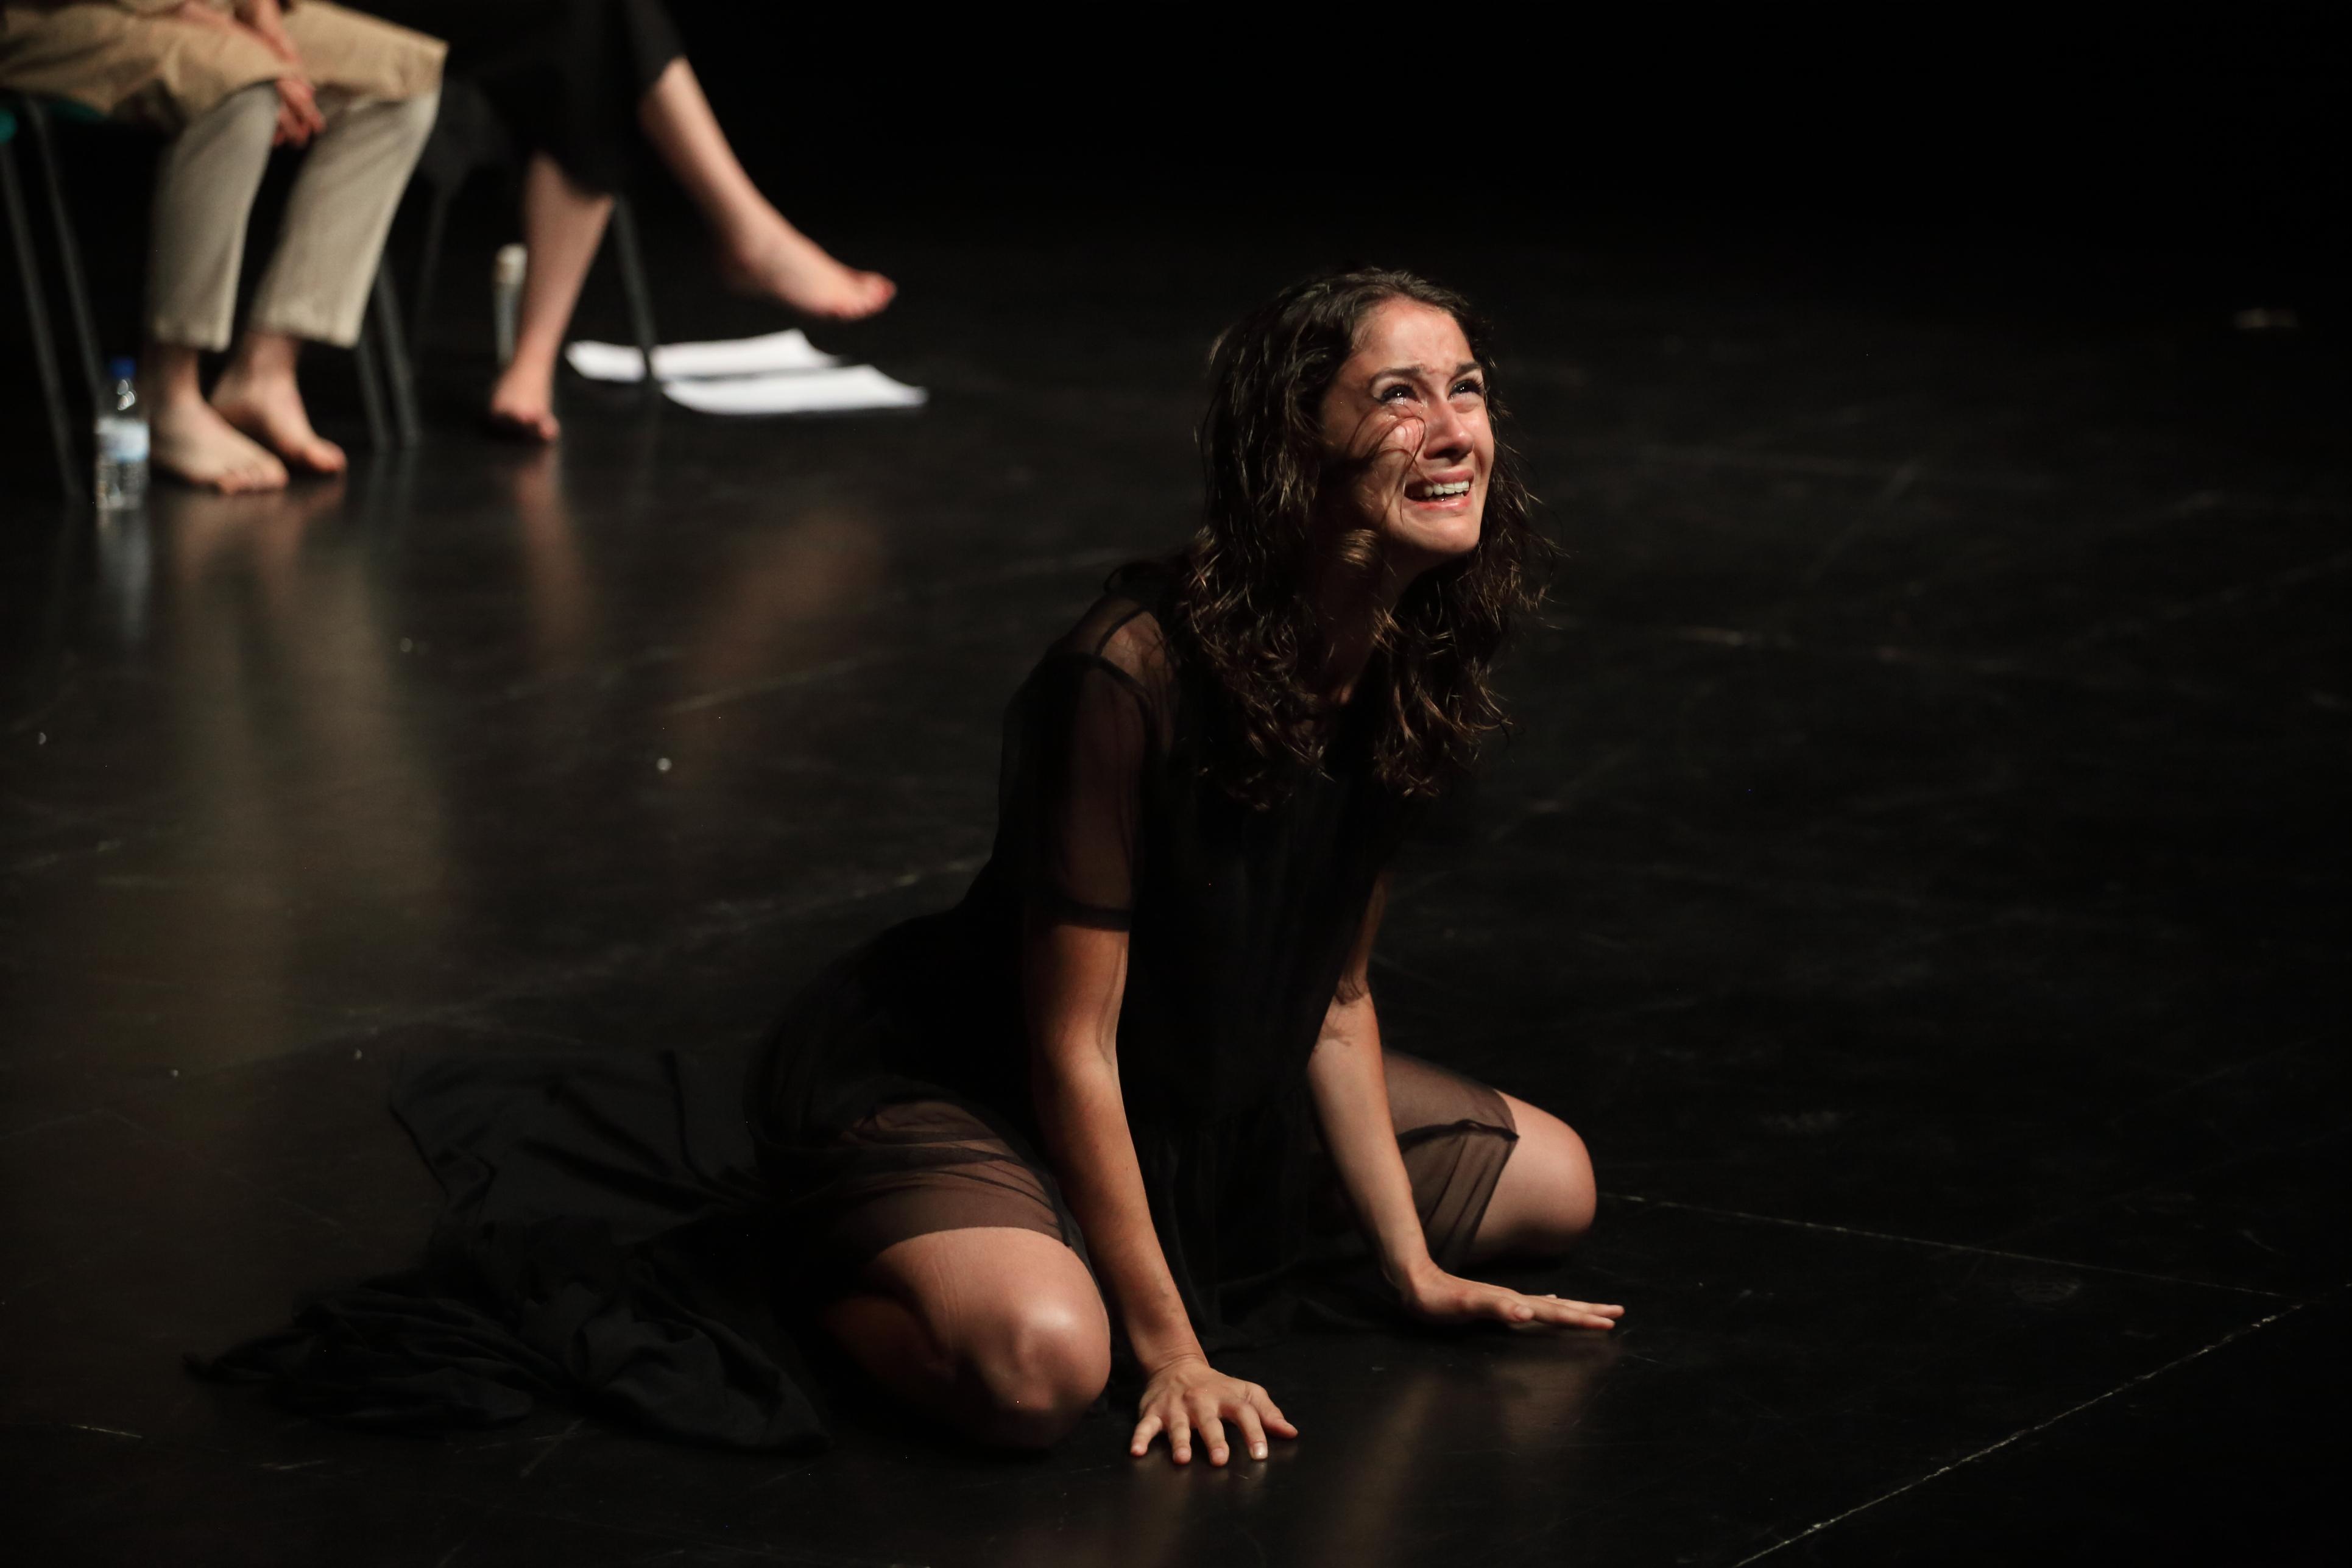 """Escena de l'obra """"Antígona"""". Aula de teatre de la Universitat Pompeu Fabra"""